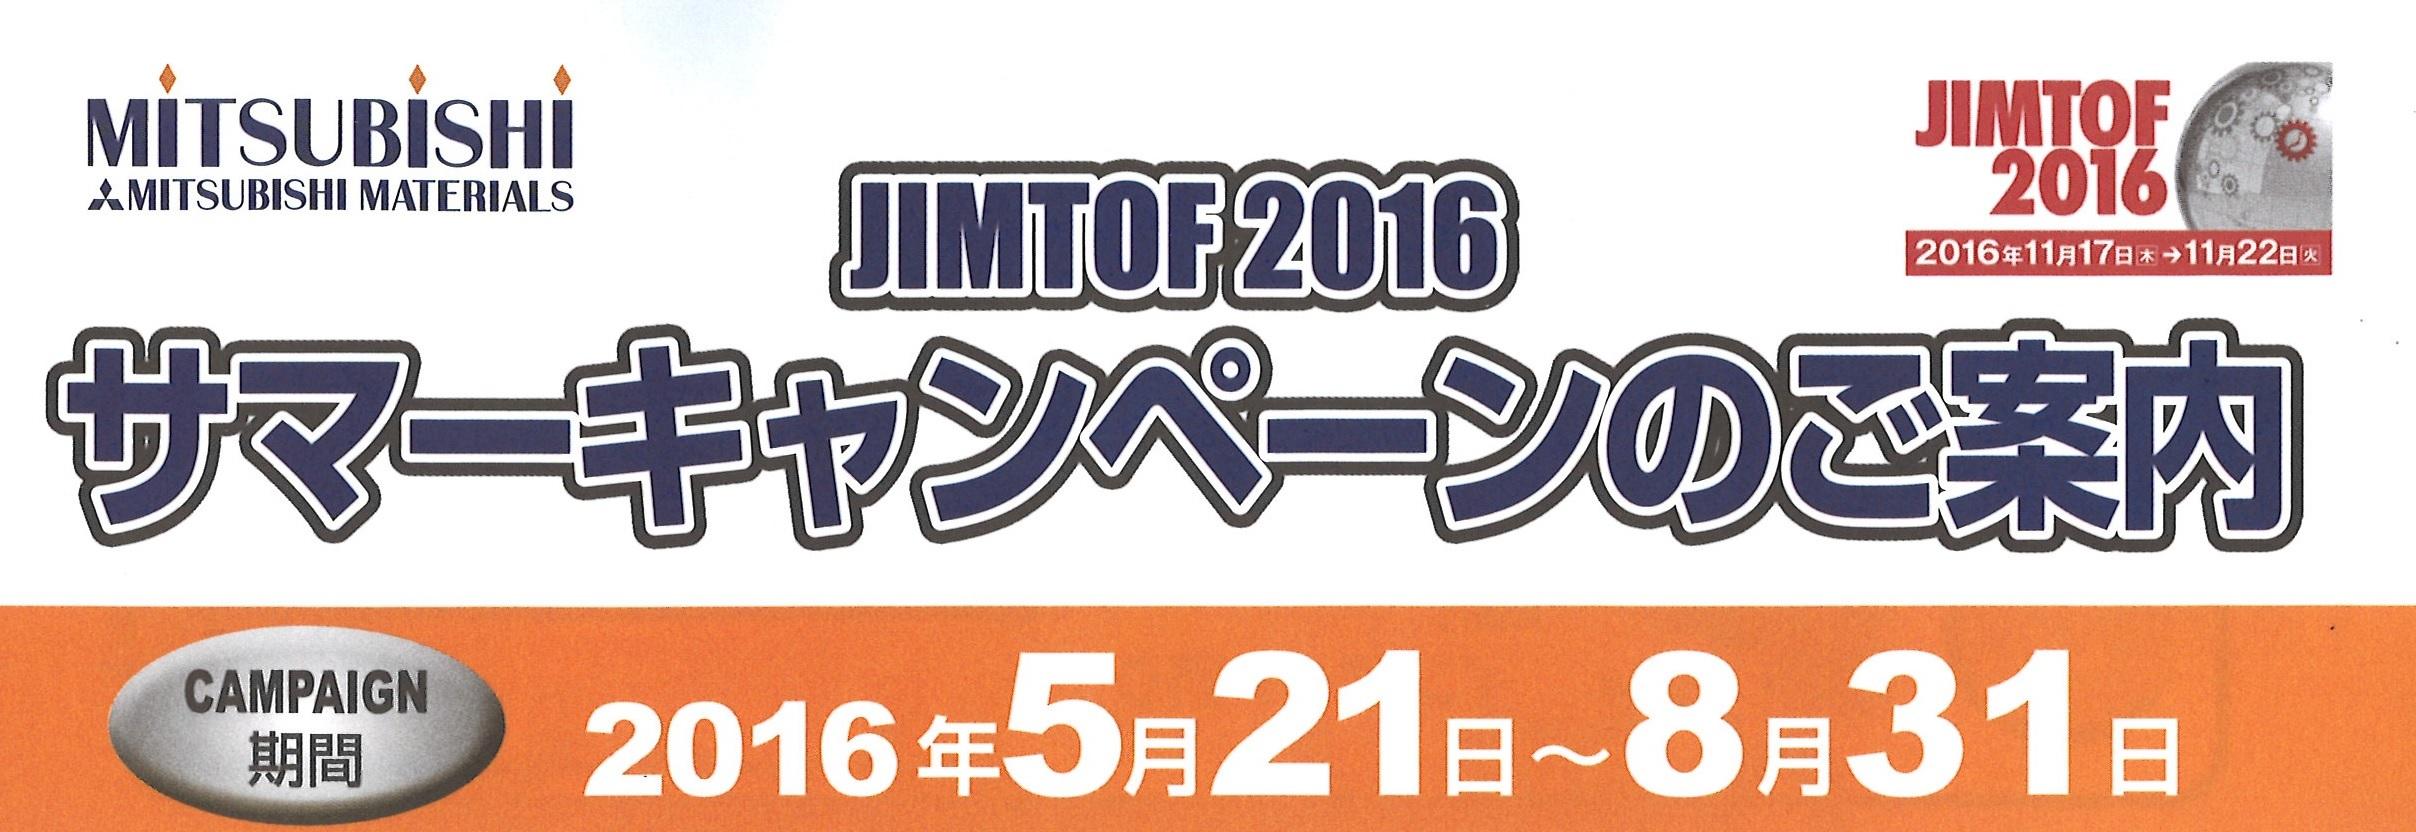 三菱マテリアル・切削工具サマーキャンペーンのお知らせ